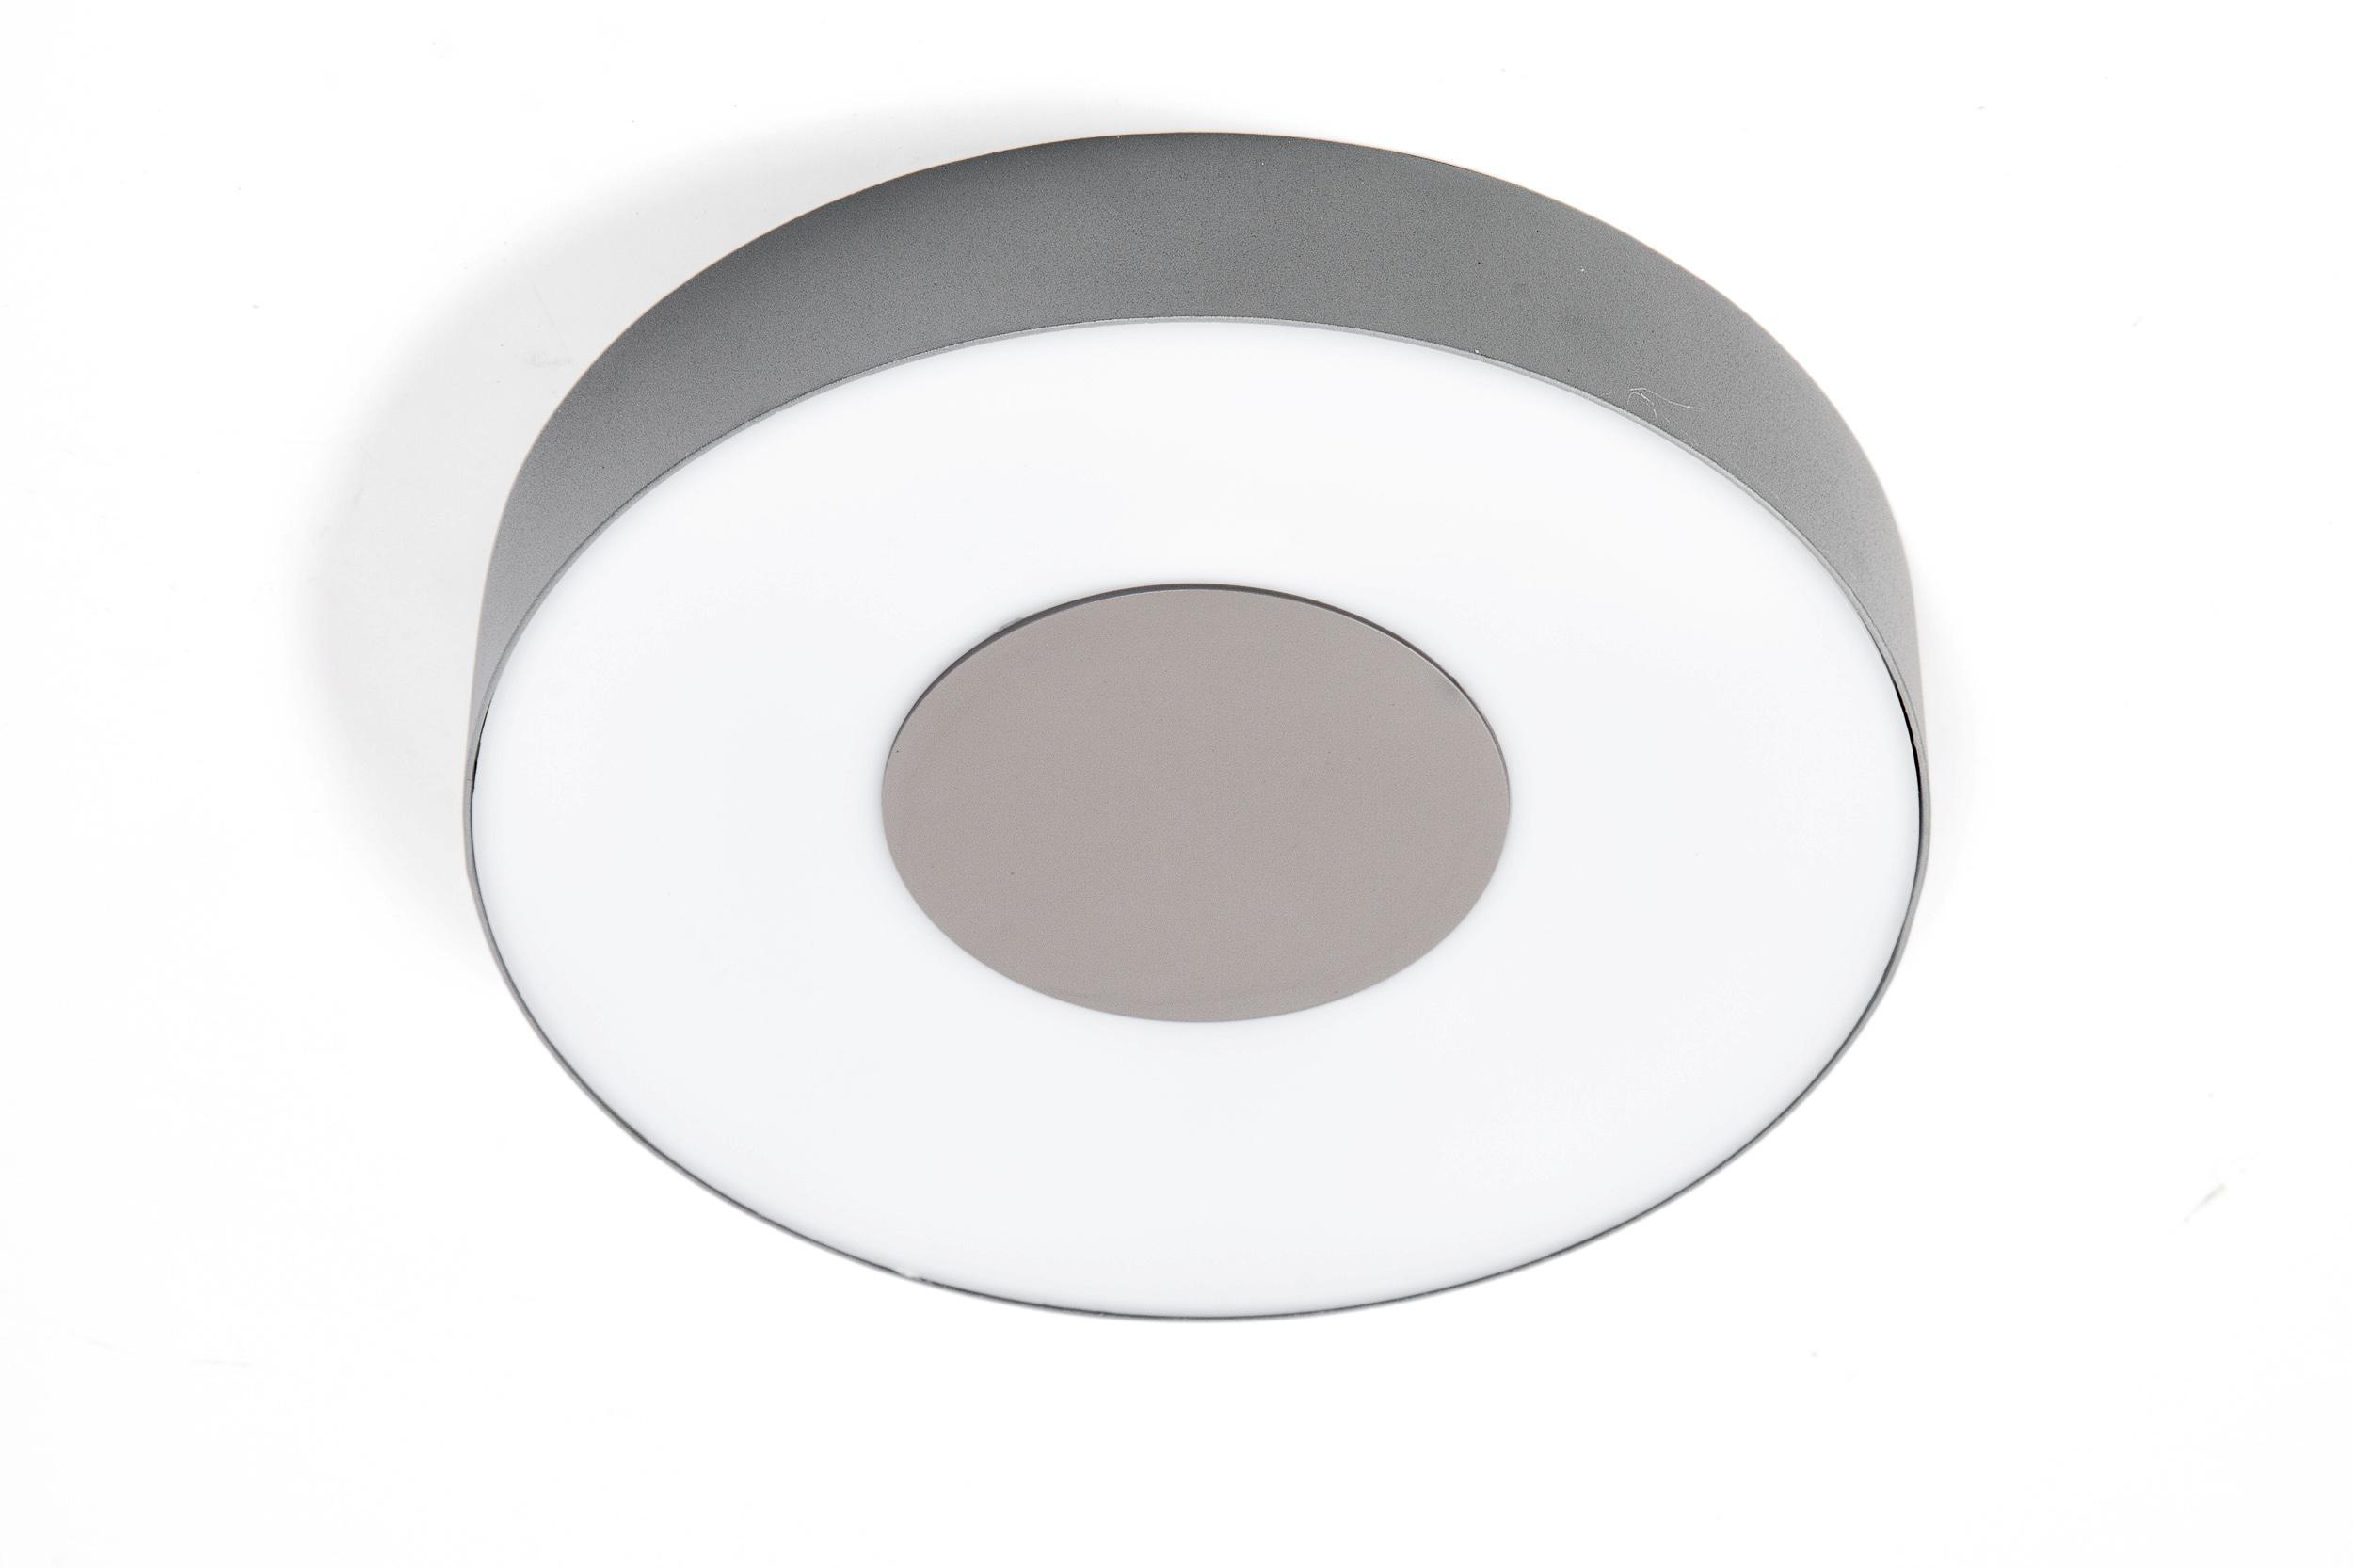 Светильник уличный Lutec 3481l leflash датчик движения ик настенный 120° потолочный 360° белый